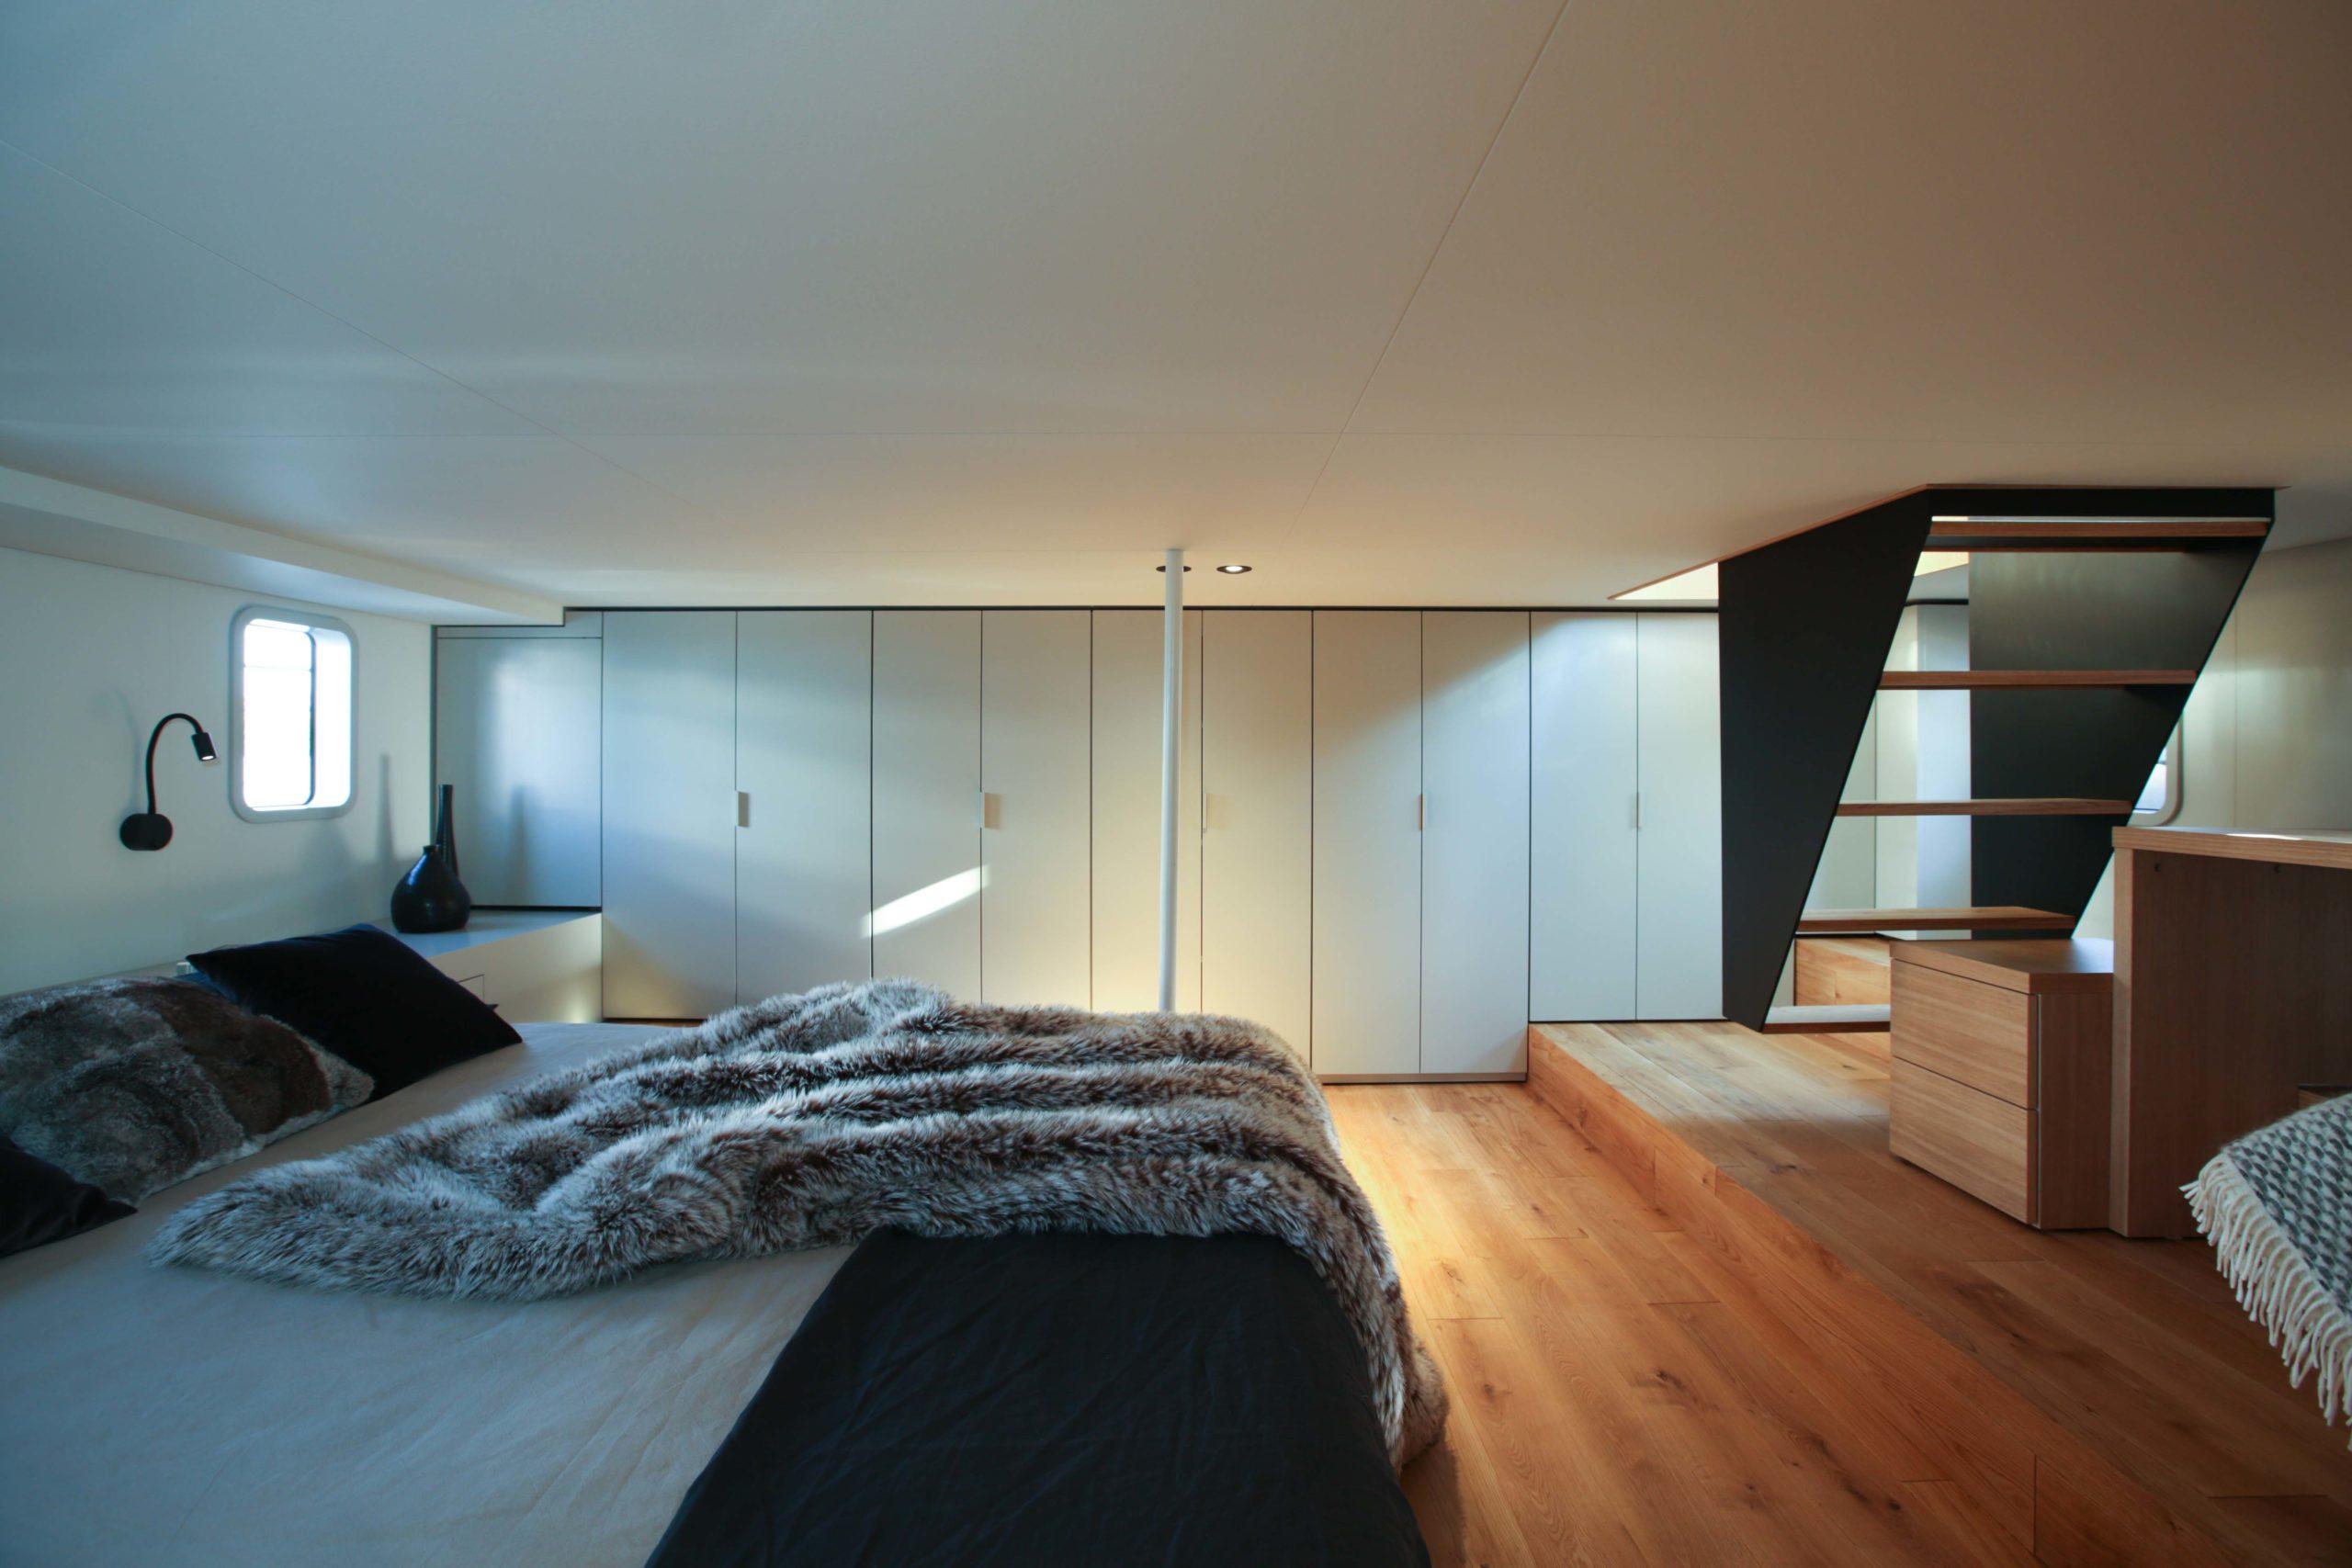 Onyx Hausboot Schlafzimmer Einrichtung Nobla Karlsruhe